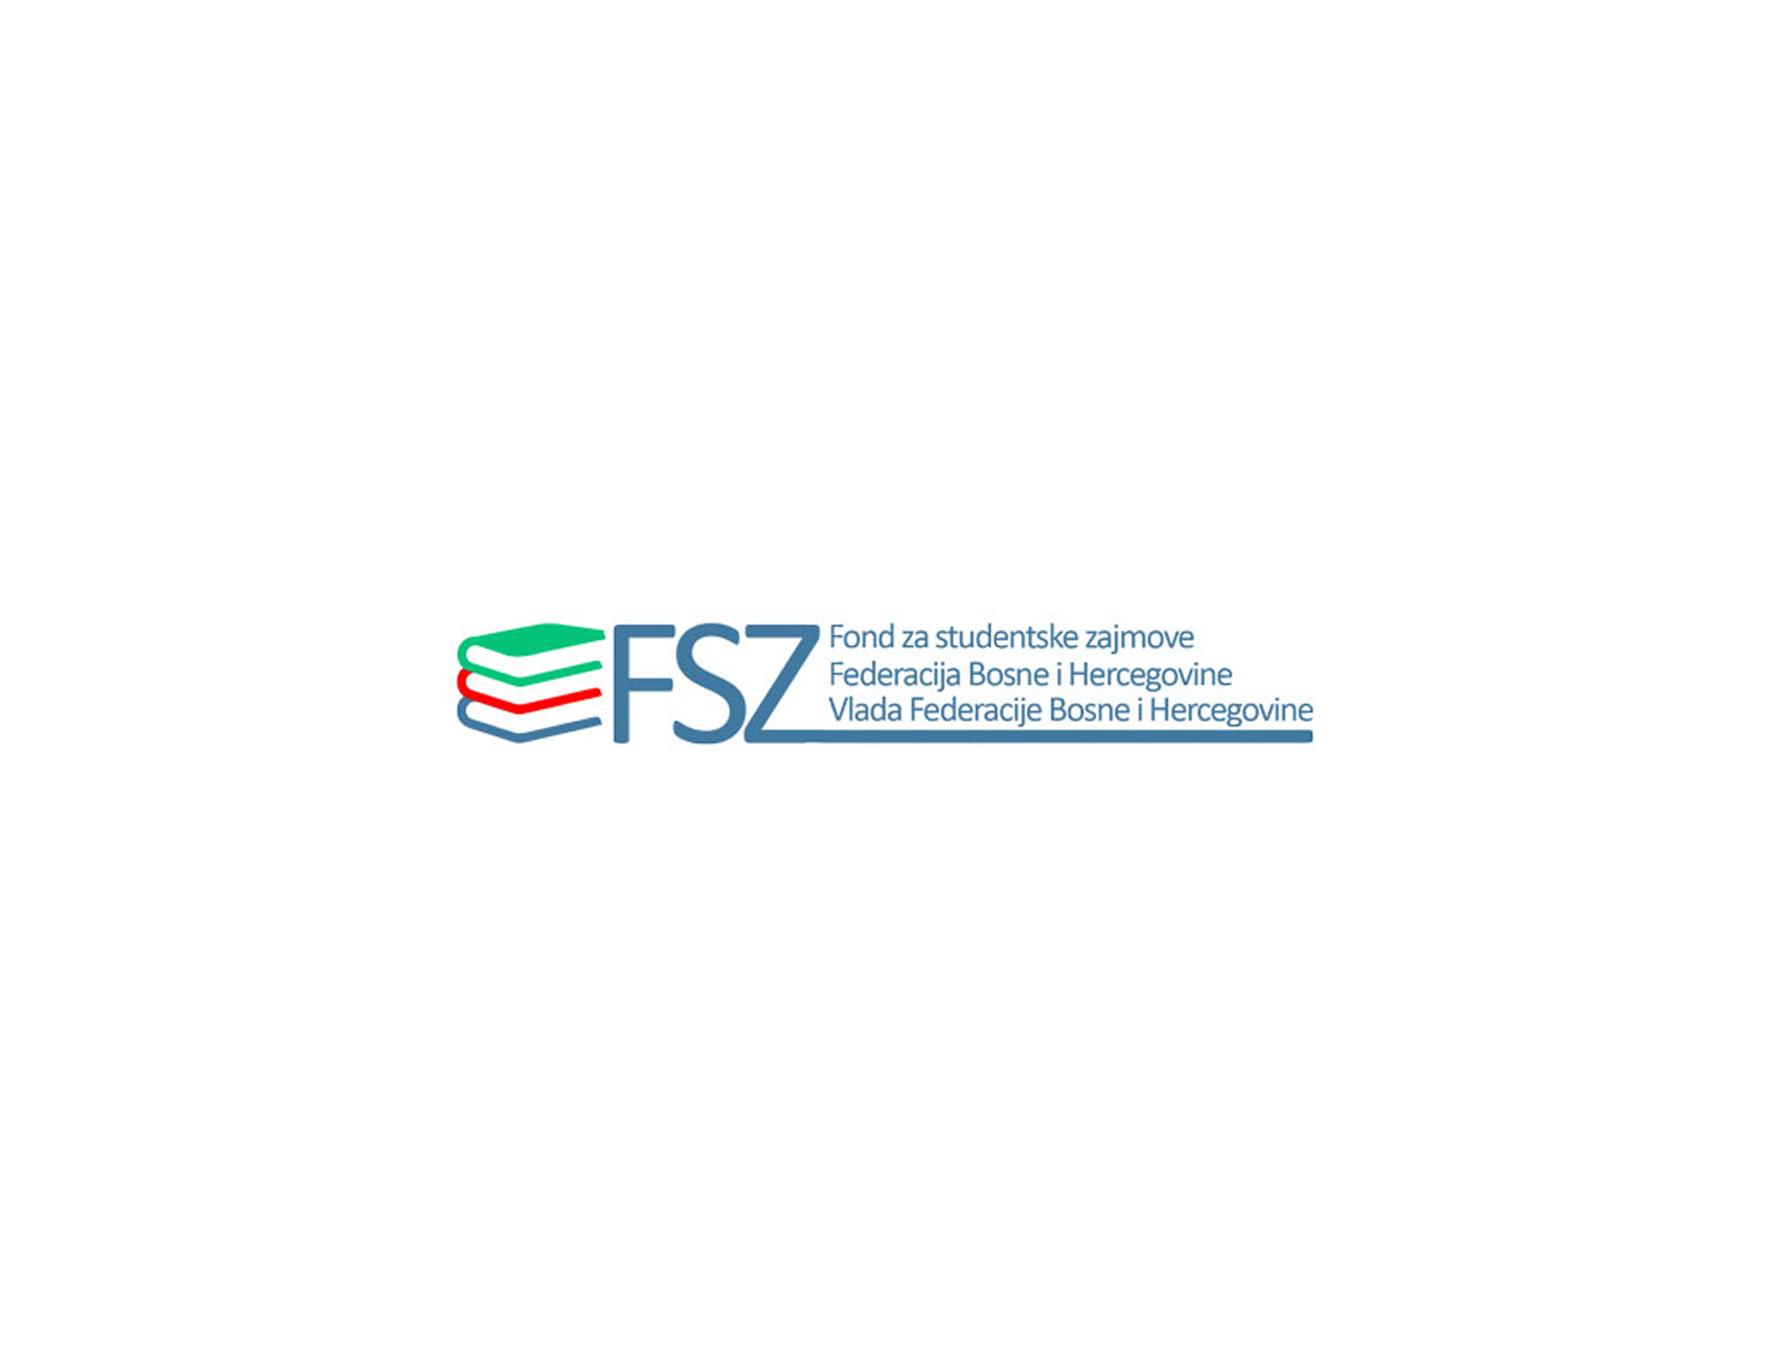 Javni poziv za dodjelu studentskih zajmova za akademsku 2019/2020. godinu